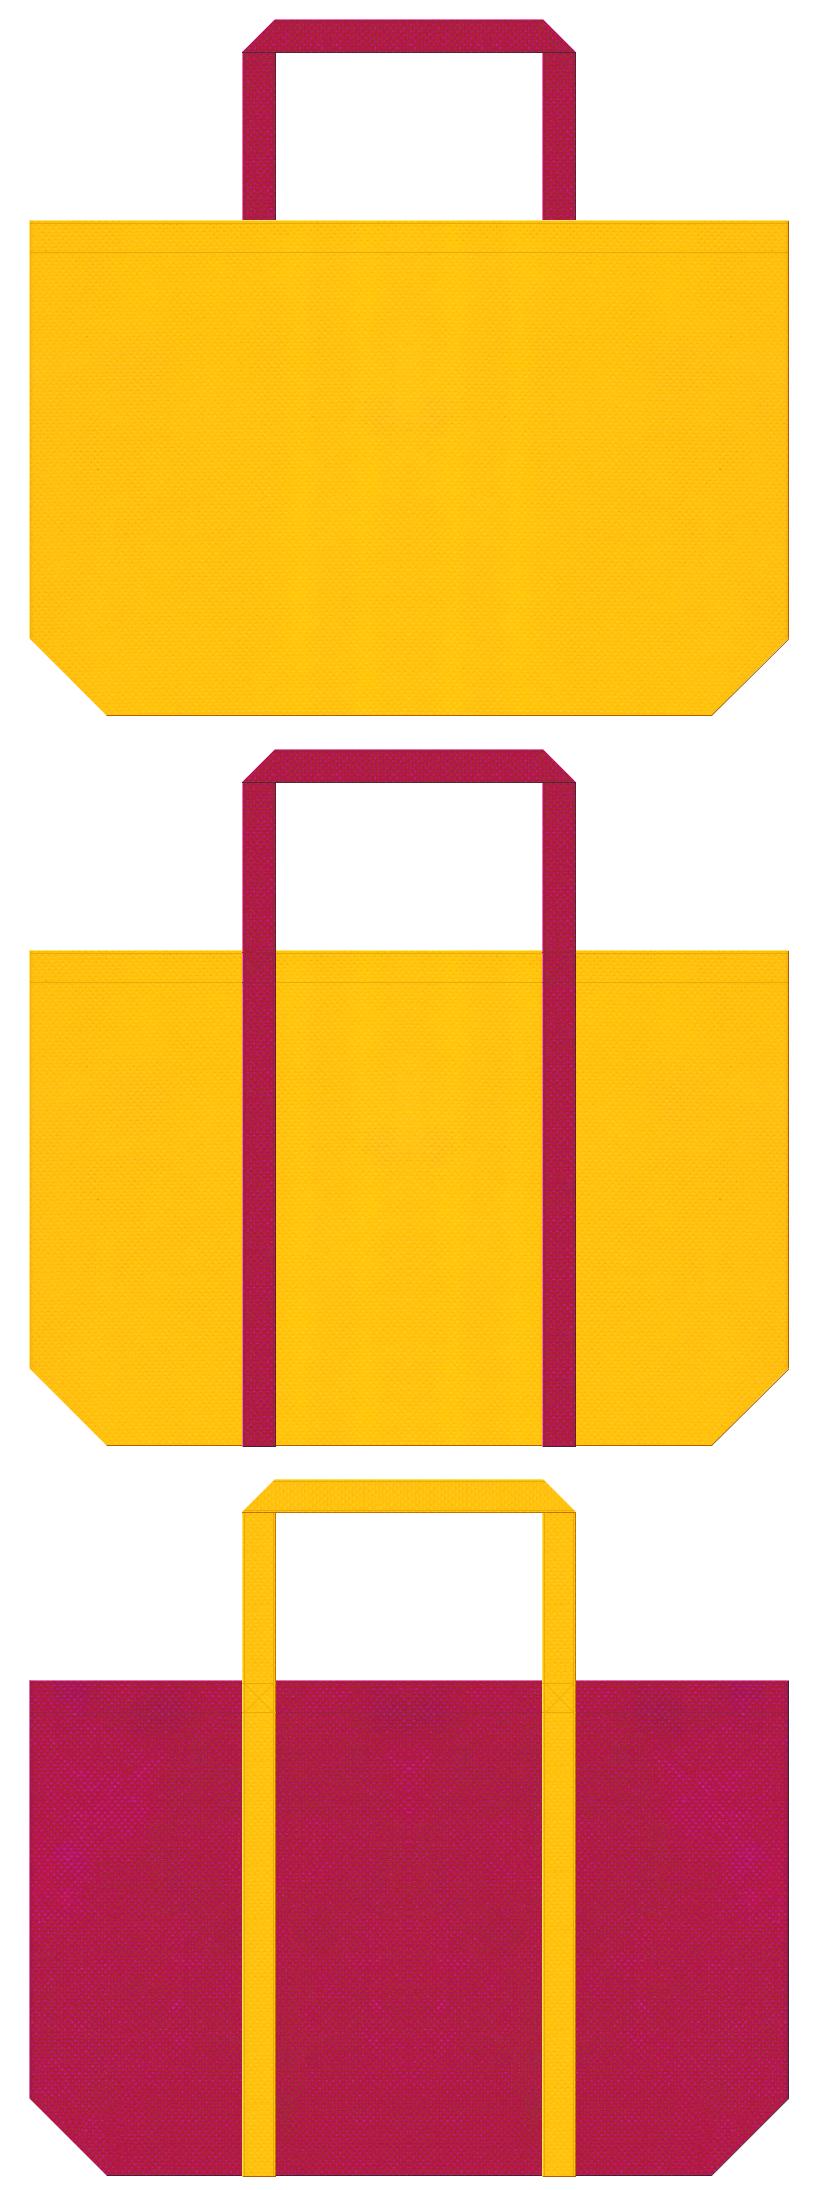 フラワーパーク・観光・南国リゾート・トロピカル・おもちゃ・テーマパーク・お姫様・ピエロ・サーカス・ゲーム・レッスンバッグ・通園バッグ・キッズイベントにお奨めの不織布バッグデザイン:黄色と濃いピンク色のコーデ